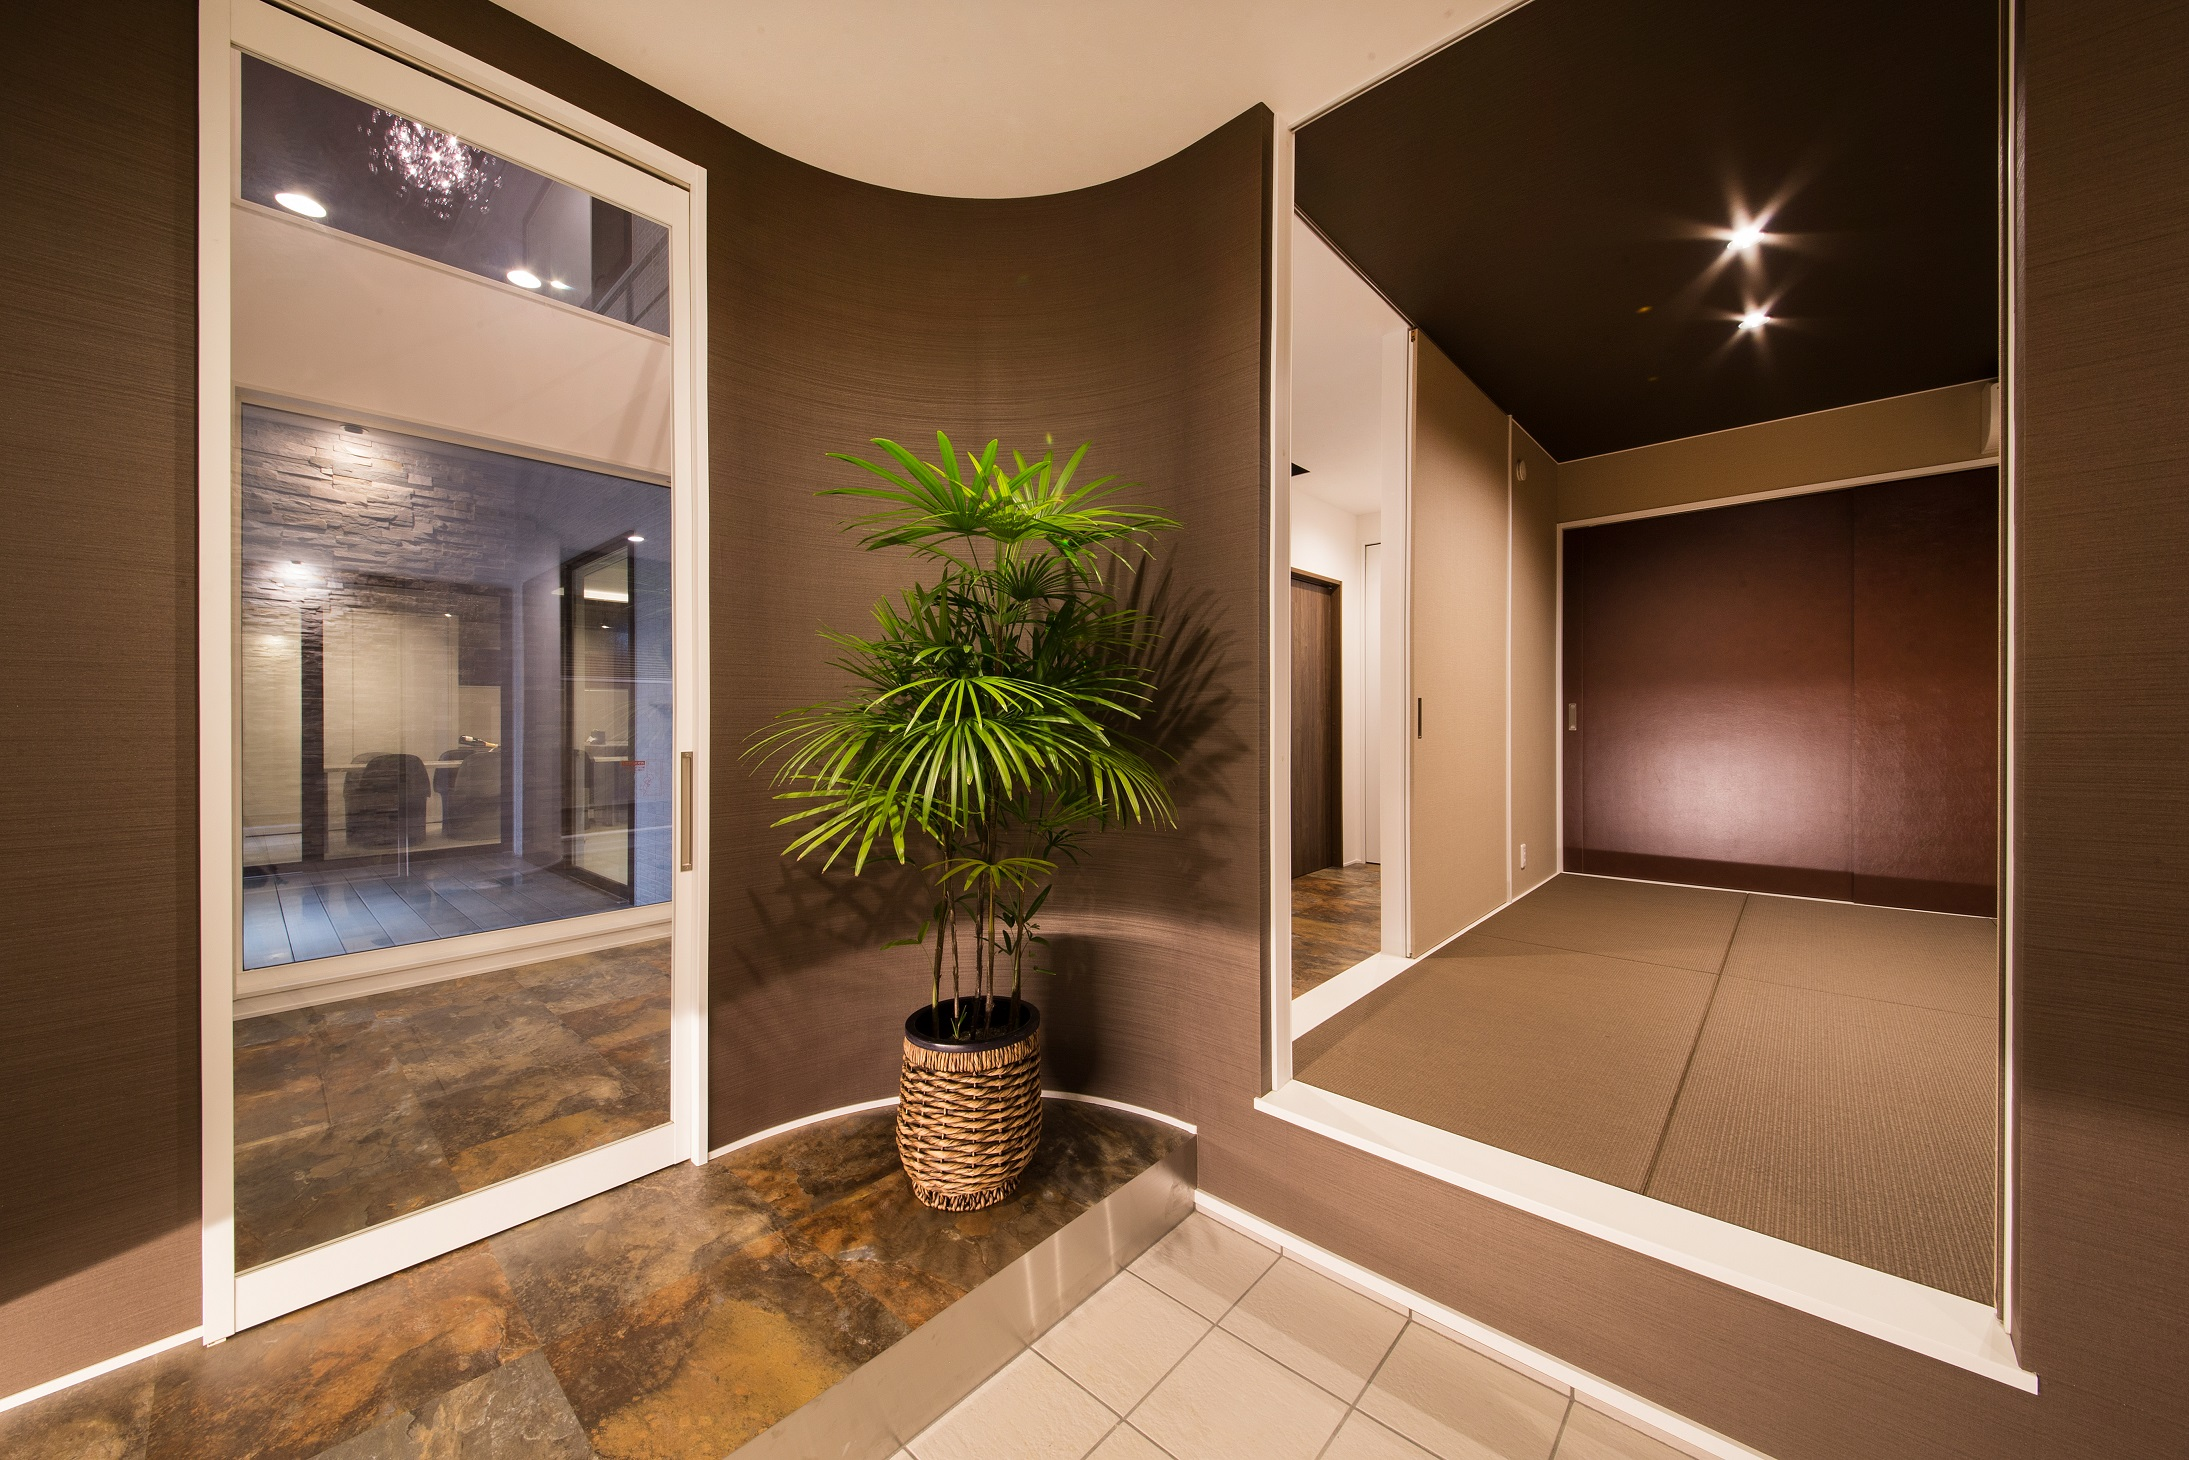 will建築工房【デザイン住宅、ペット、ガレージ】玄関から直にゲストを招き入れることが可能な和室など、「おもてなし」を意識した精緻なデザイン空間